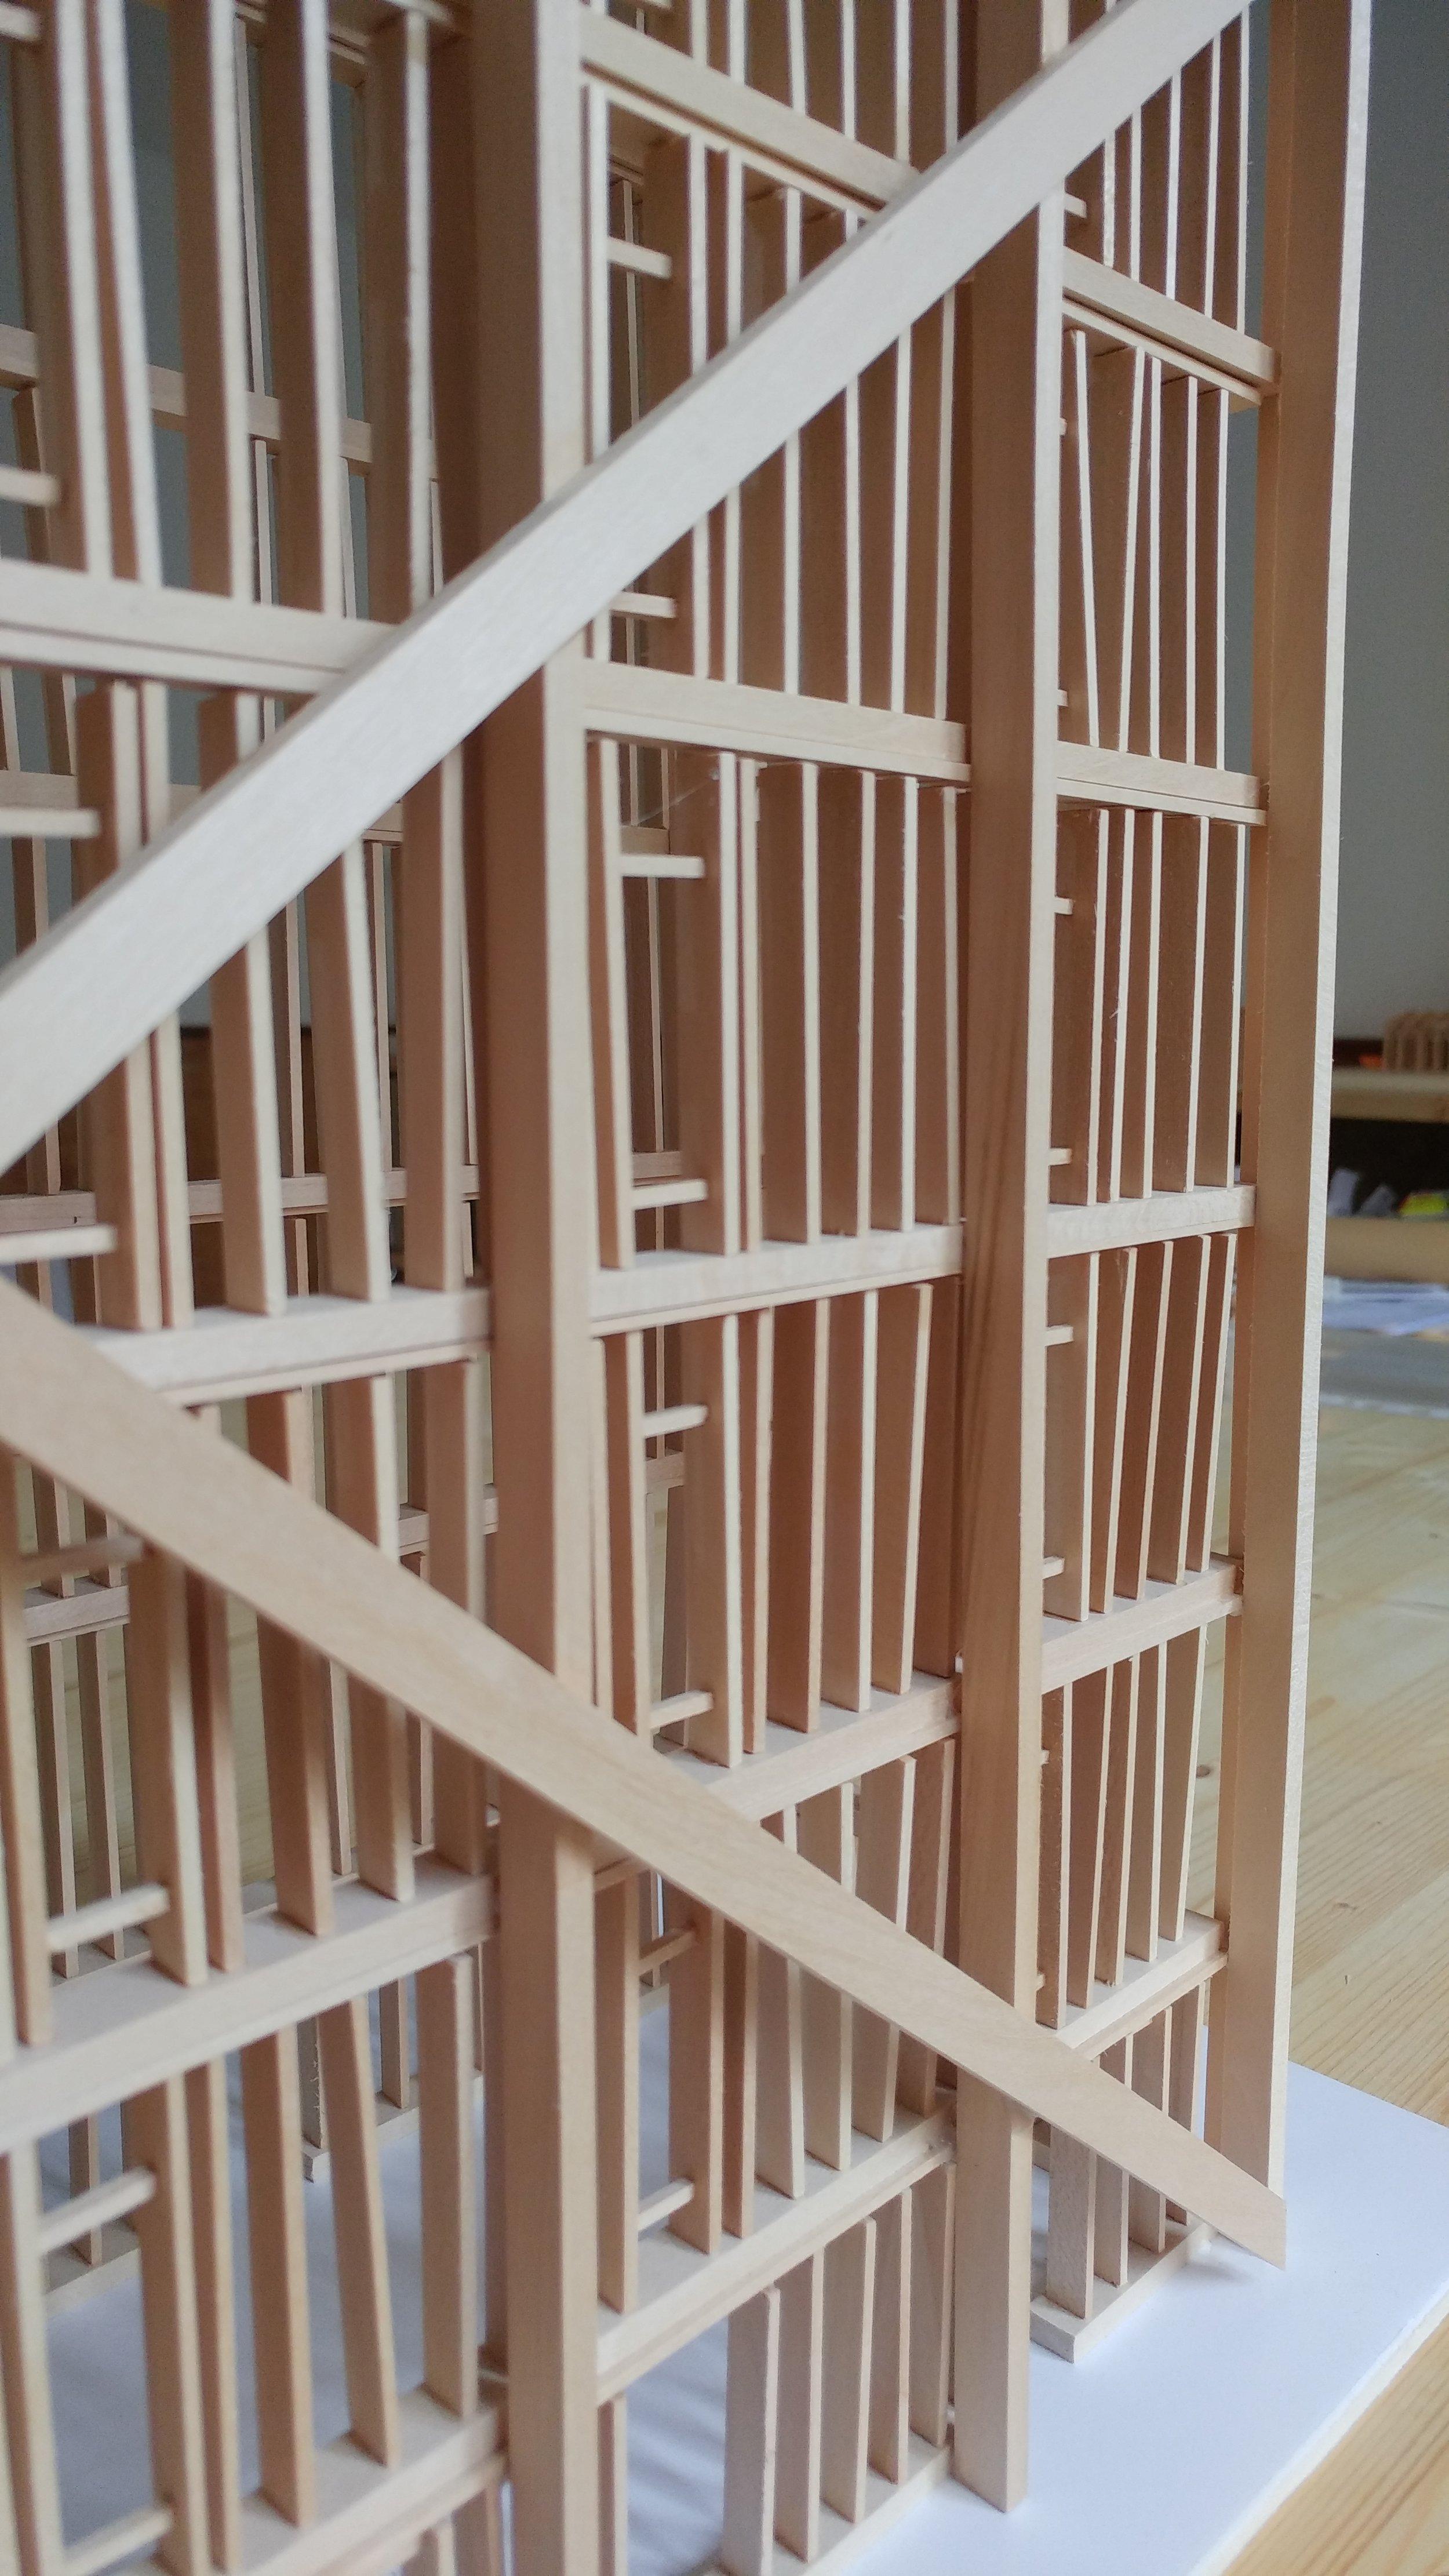 Dettaglio della struttura a telaio diffusa della pareti in balle di paglia